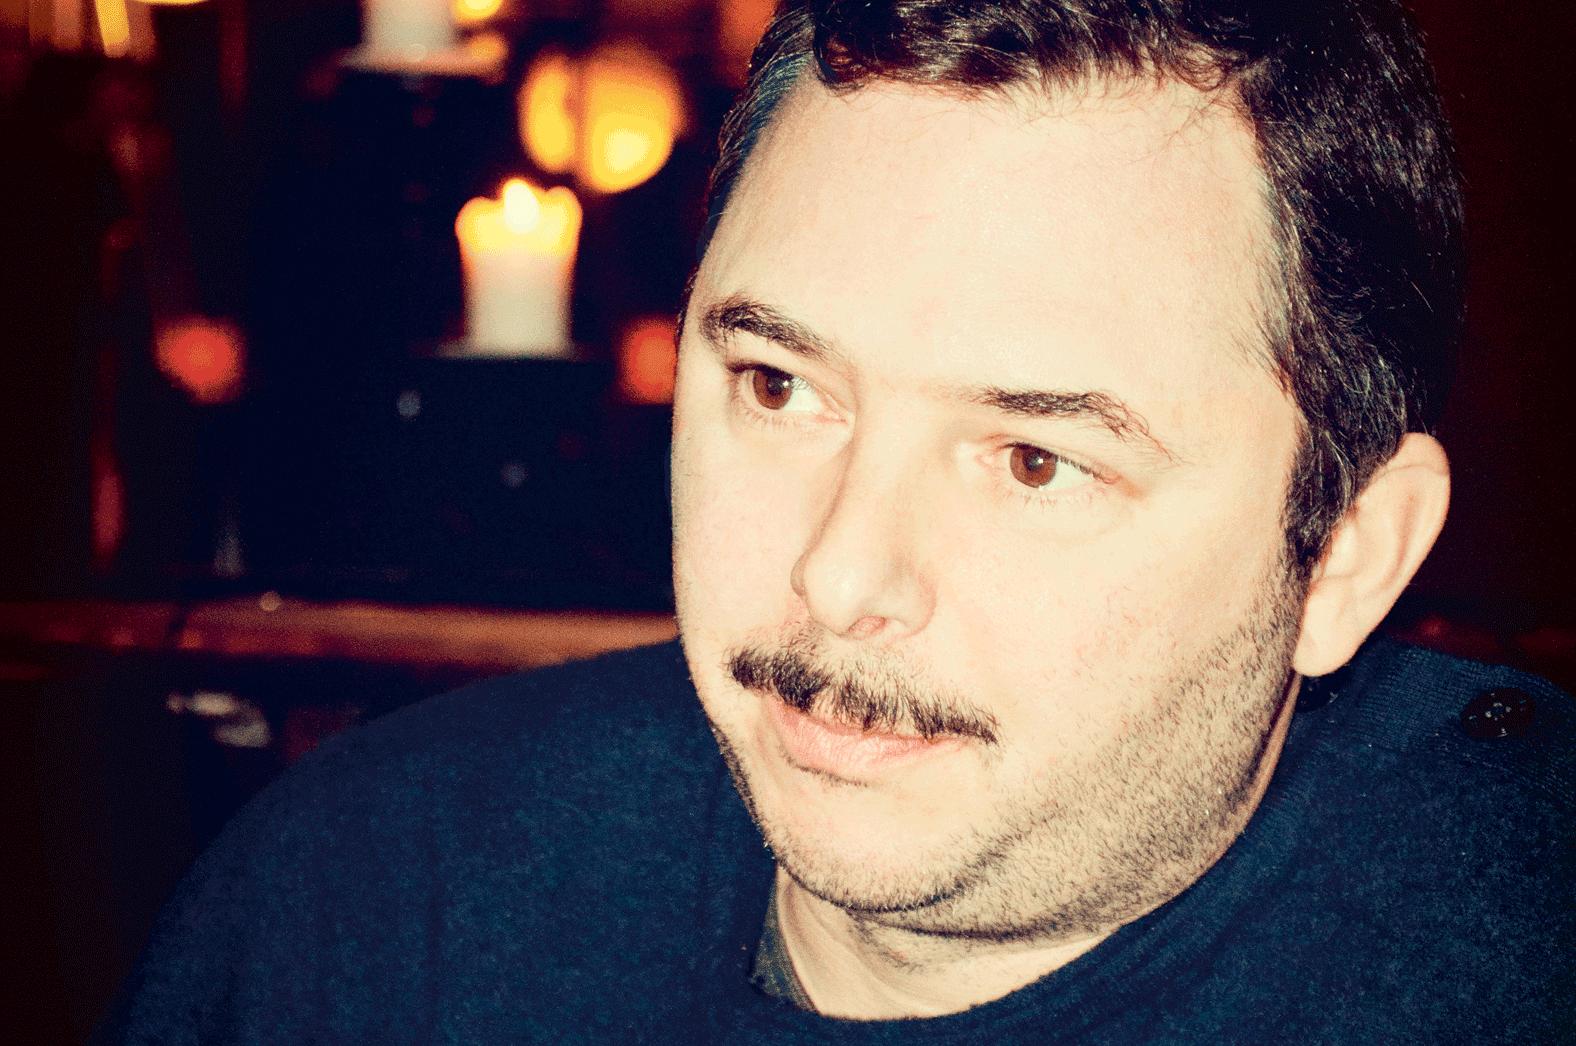 GABRIEL LESTER